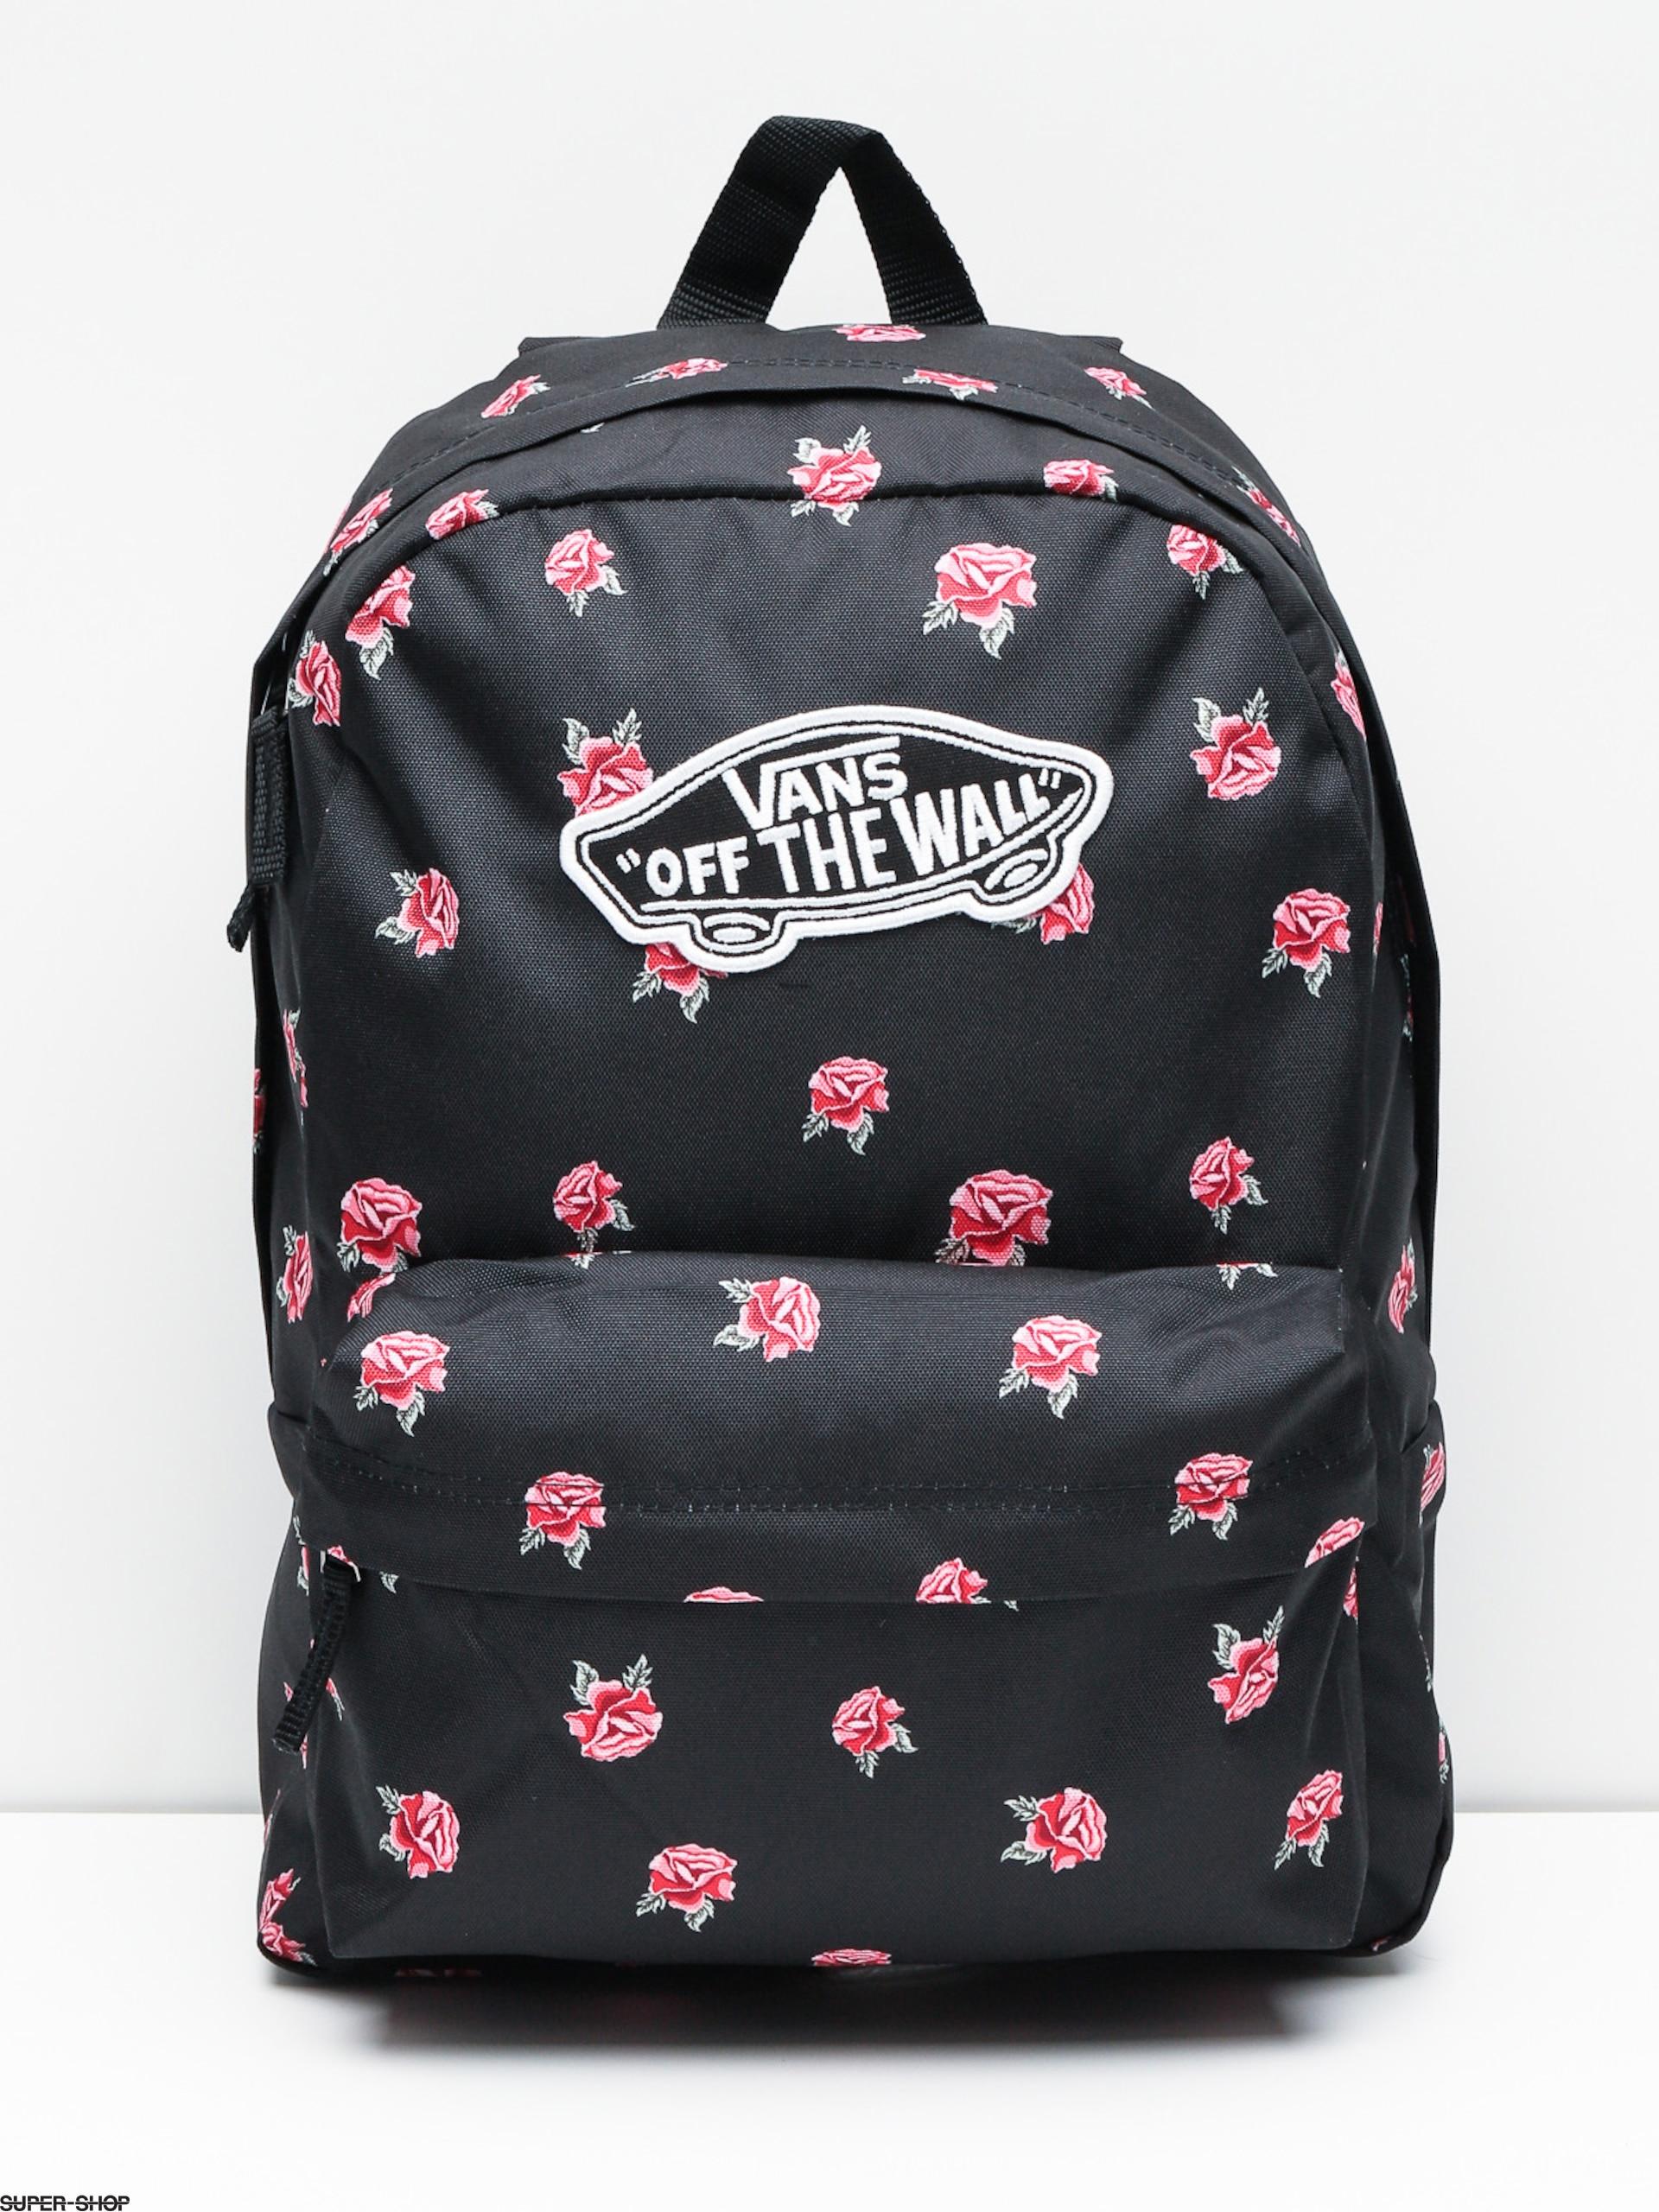 Vans Backpack Realm Wmn (black rose)